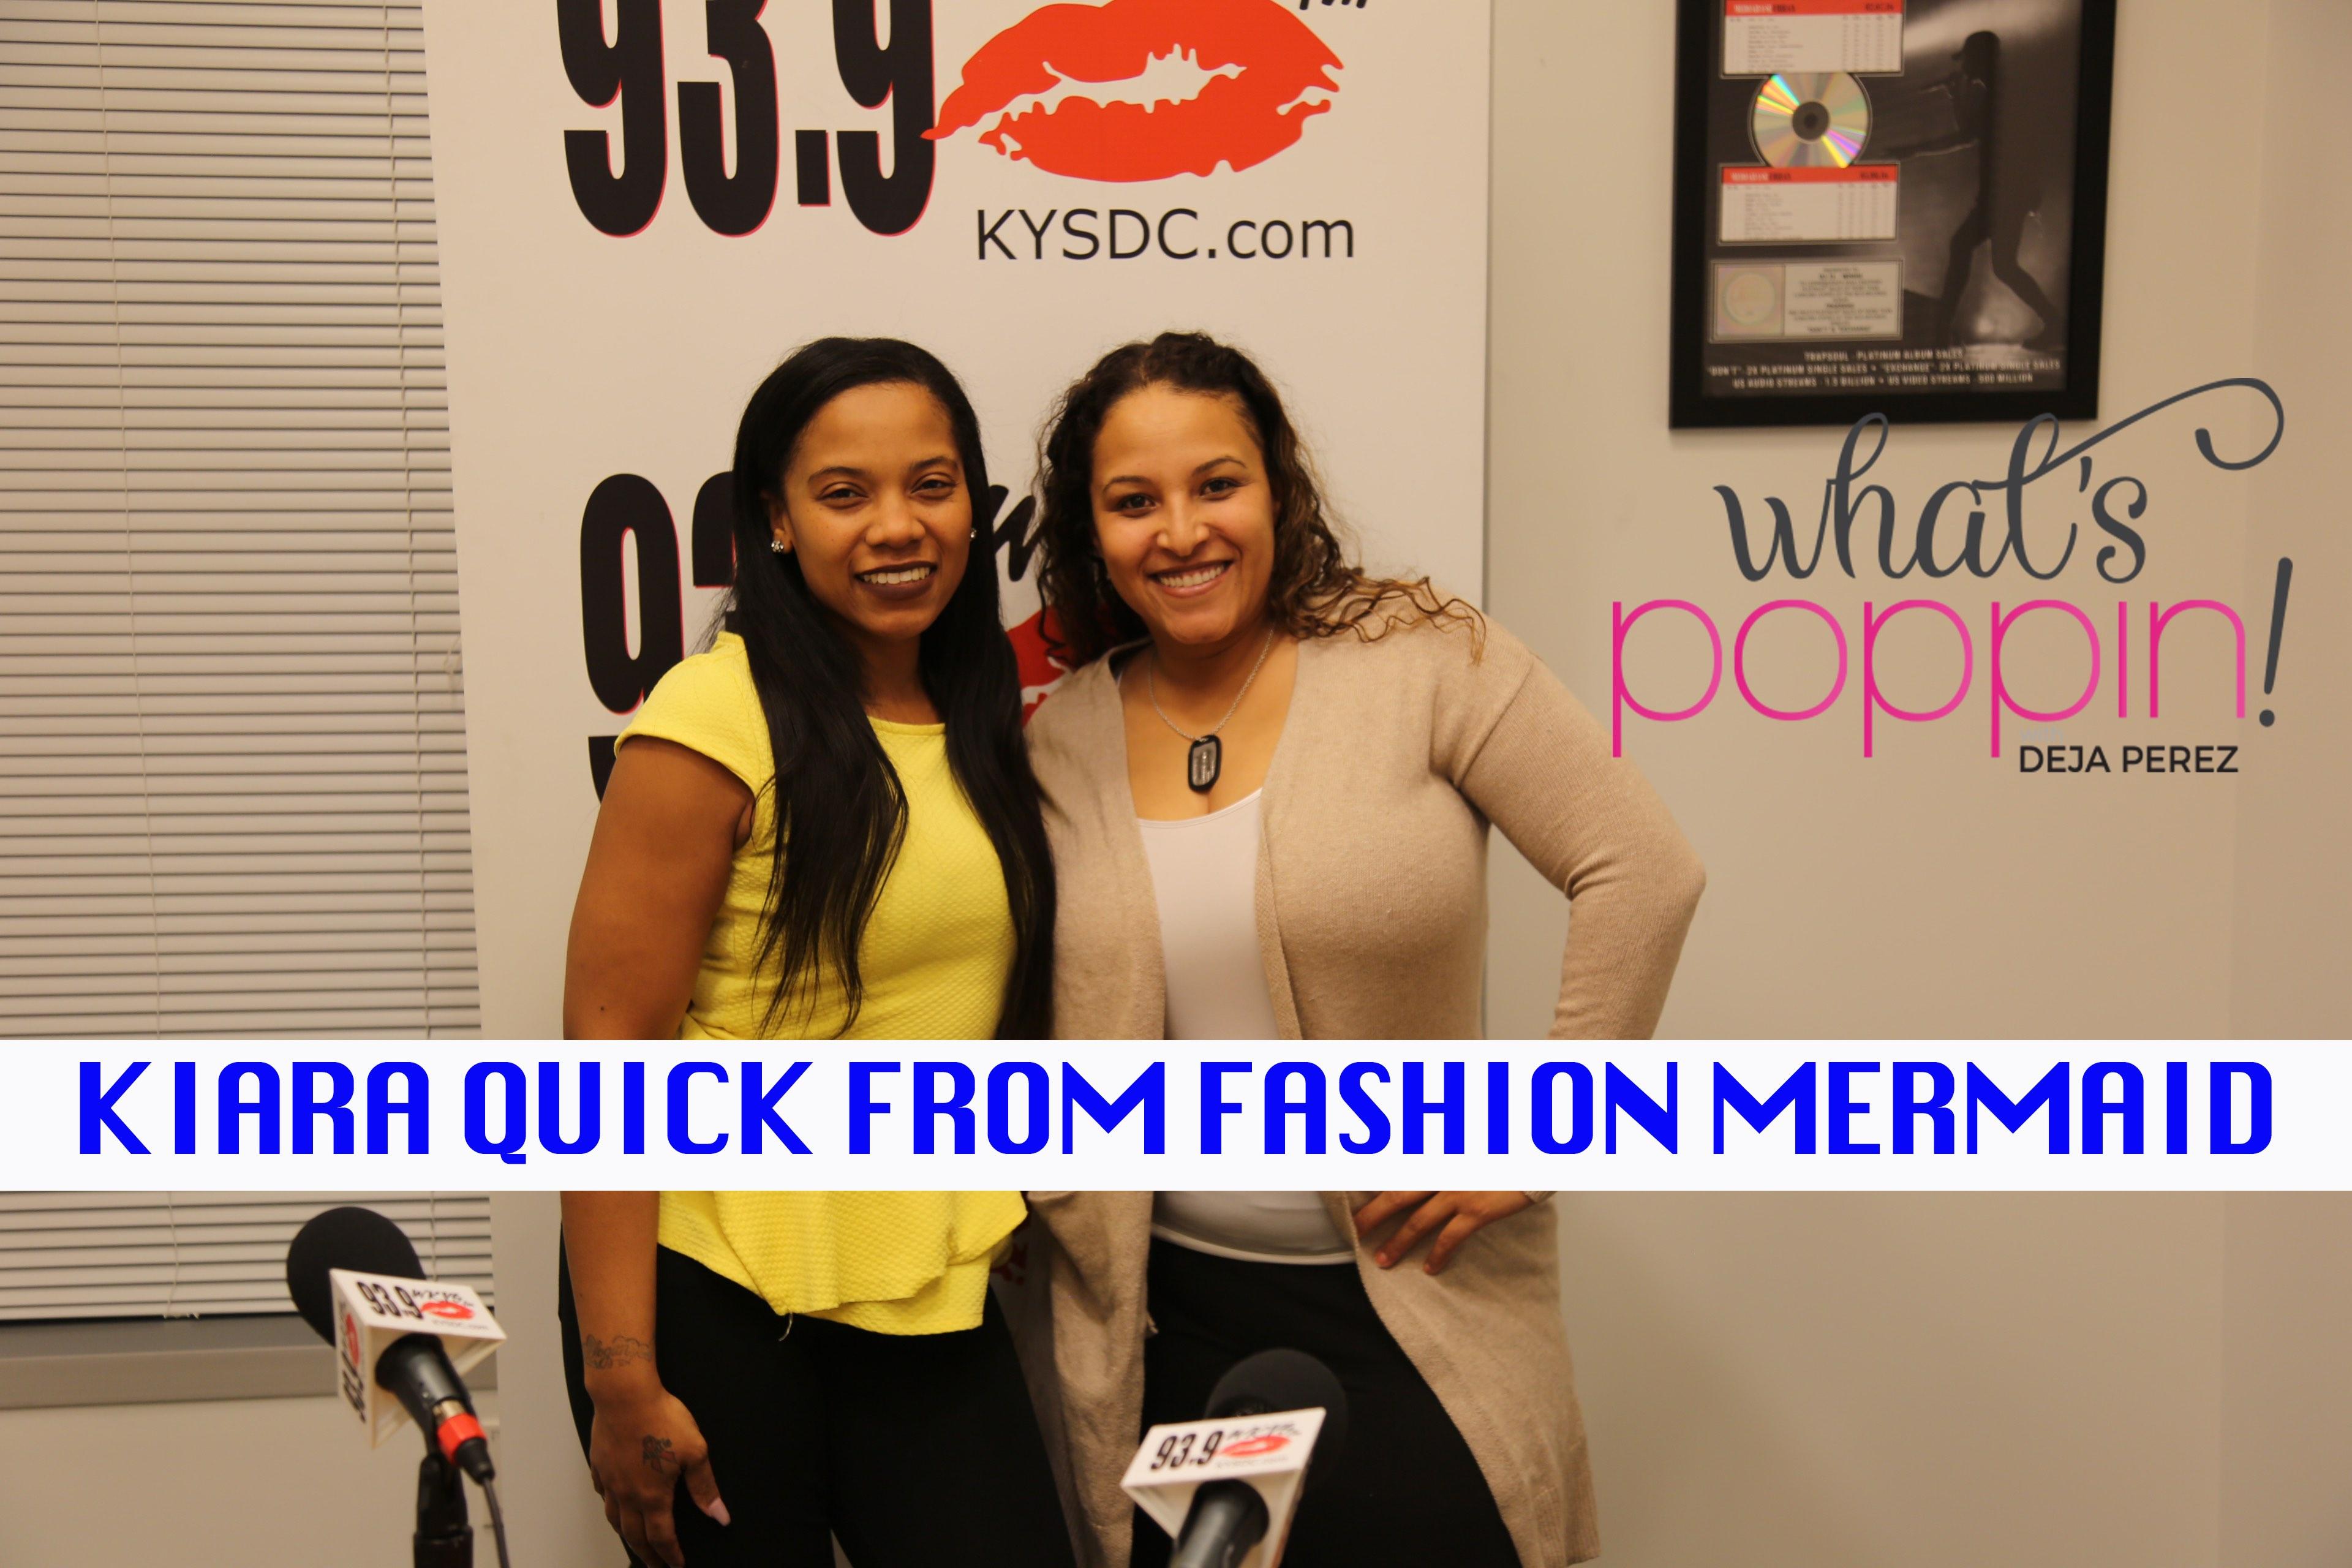 Deja Perez: The Kara Quick Interview